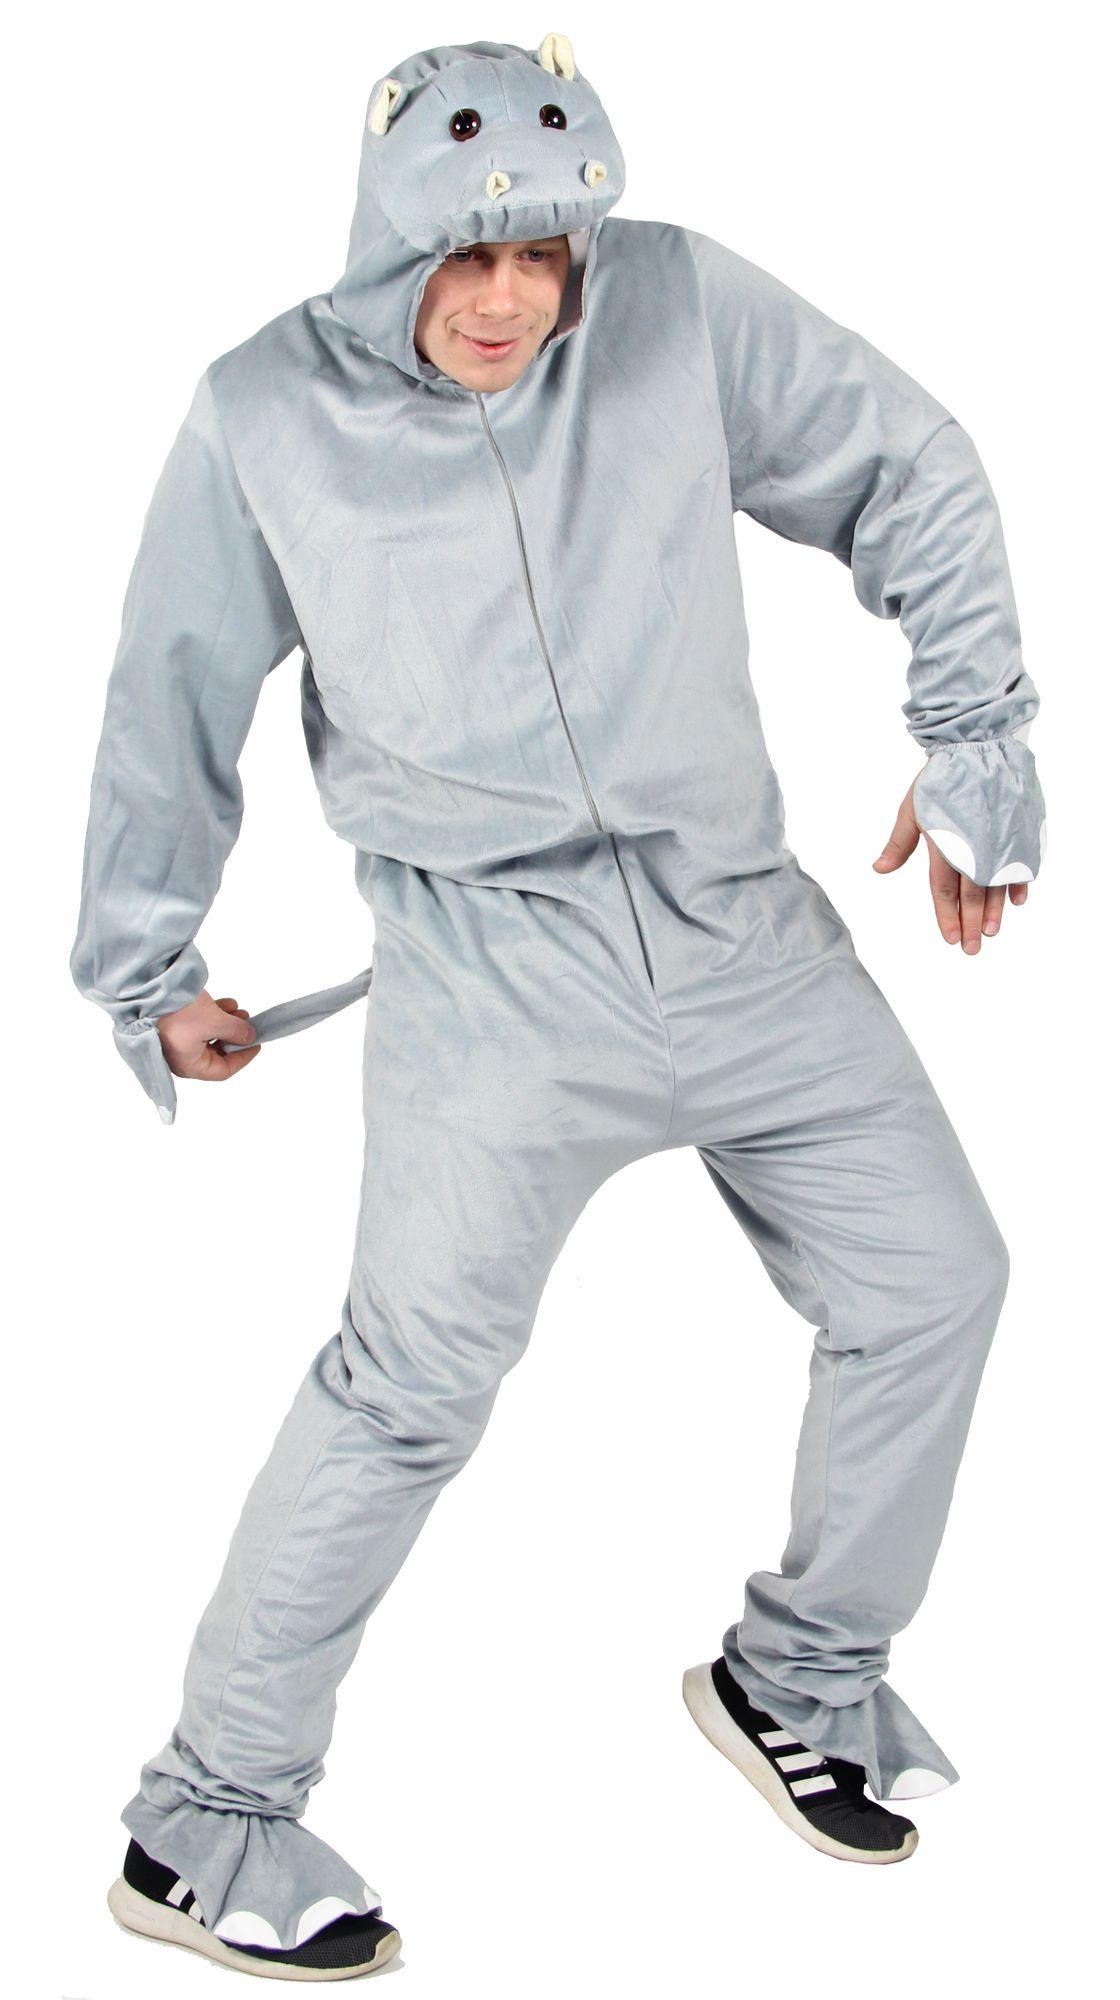 hippo nilpferd overall f r erwachsene grau kost m online shop kost me per cken masken zubeh r. Black Bedroom Furniture Sets. Home Design Ideas